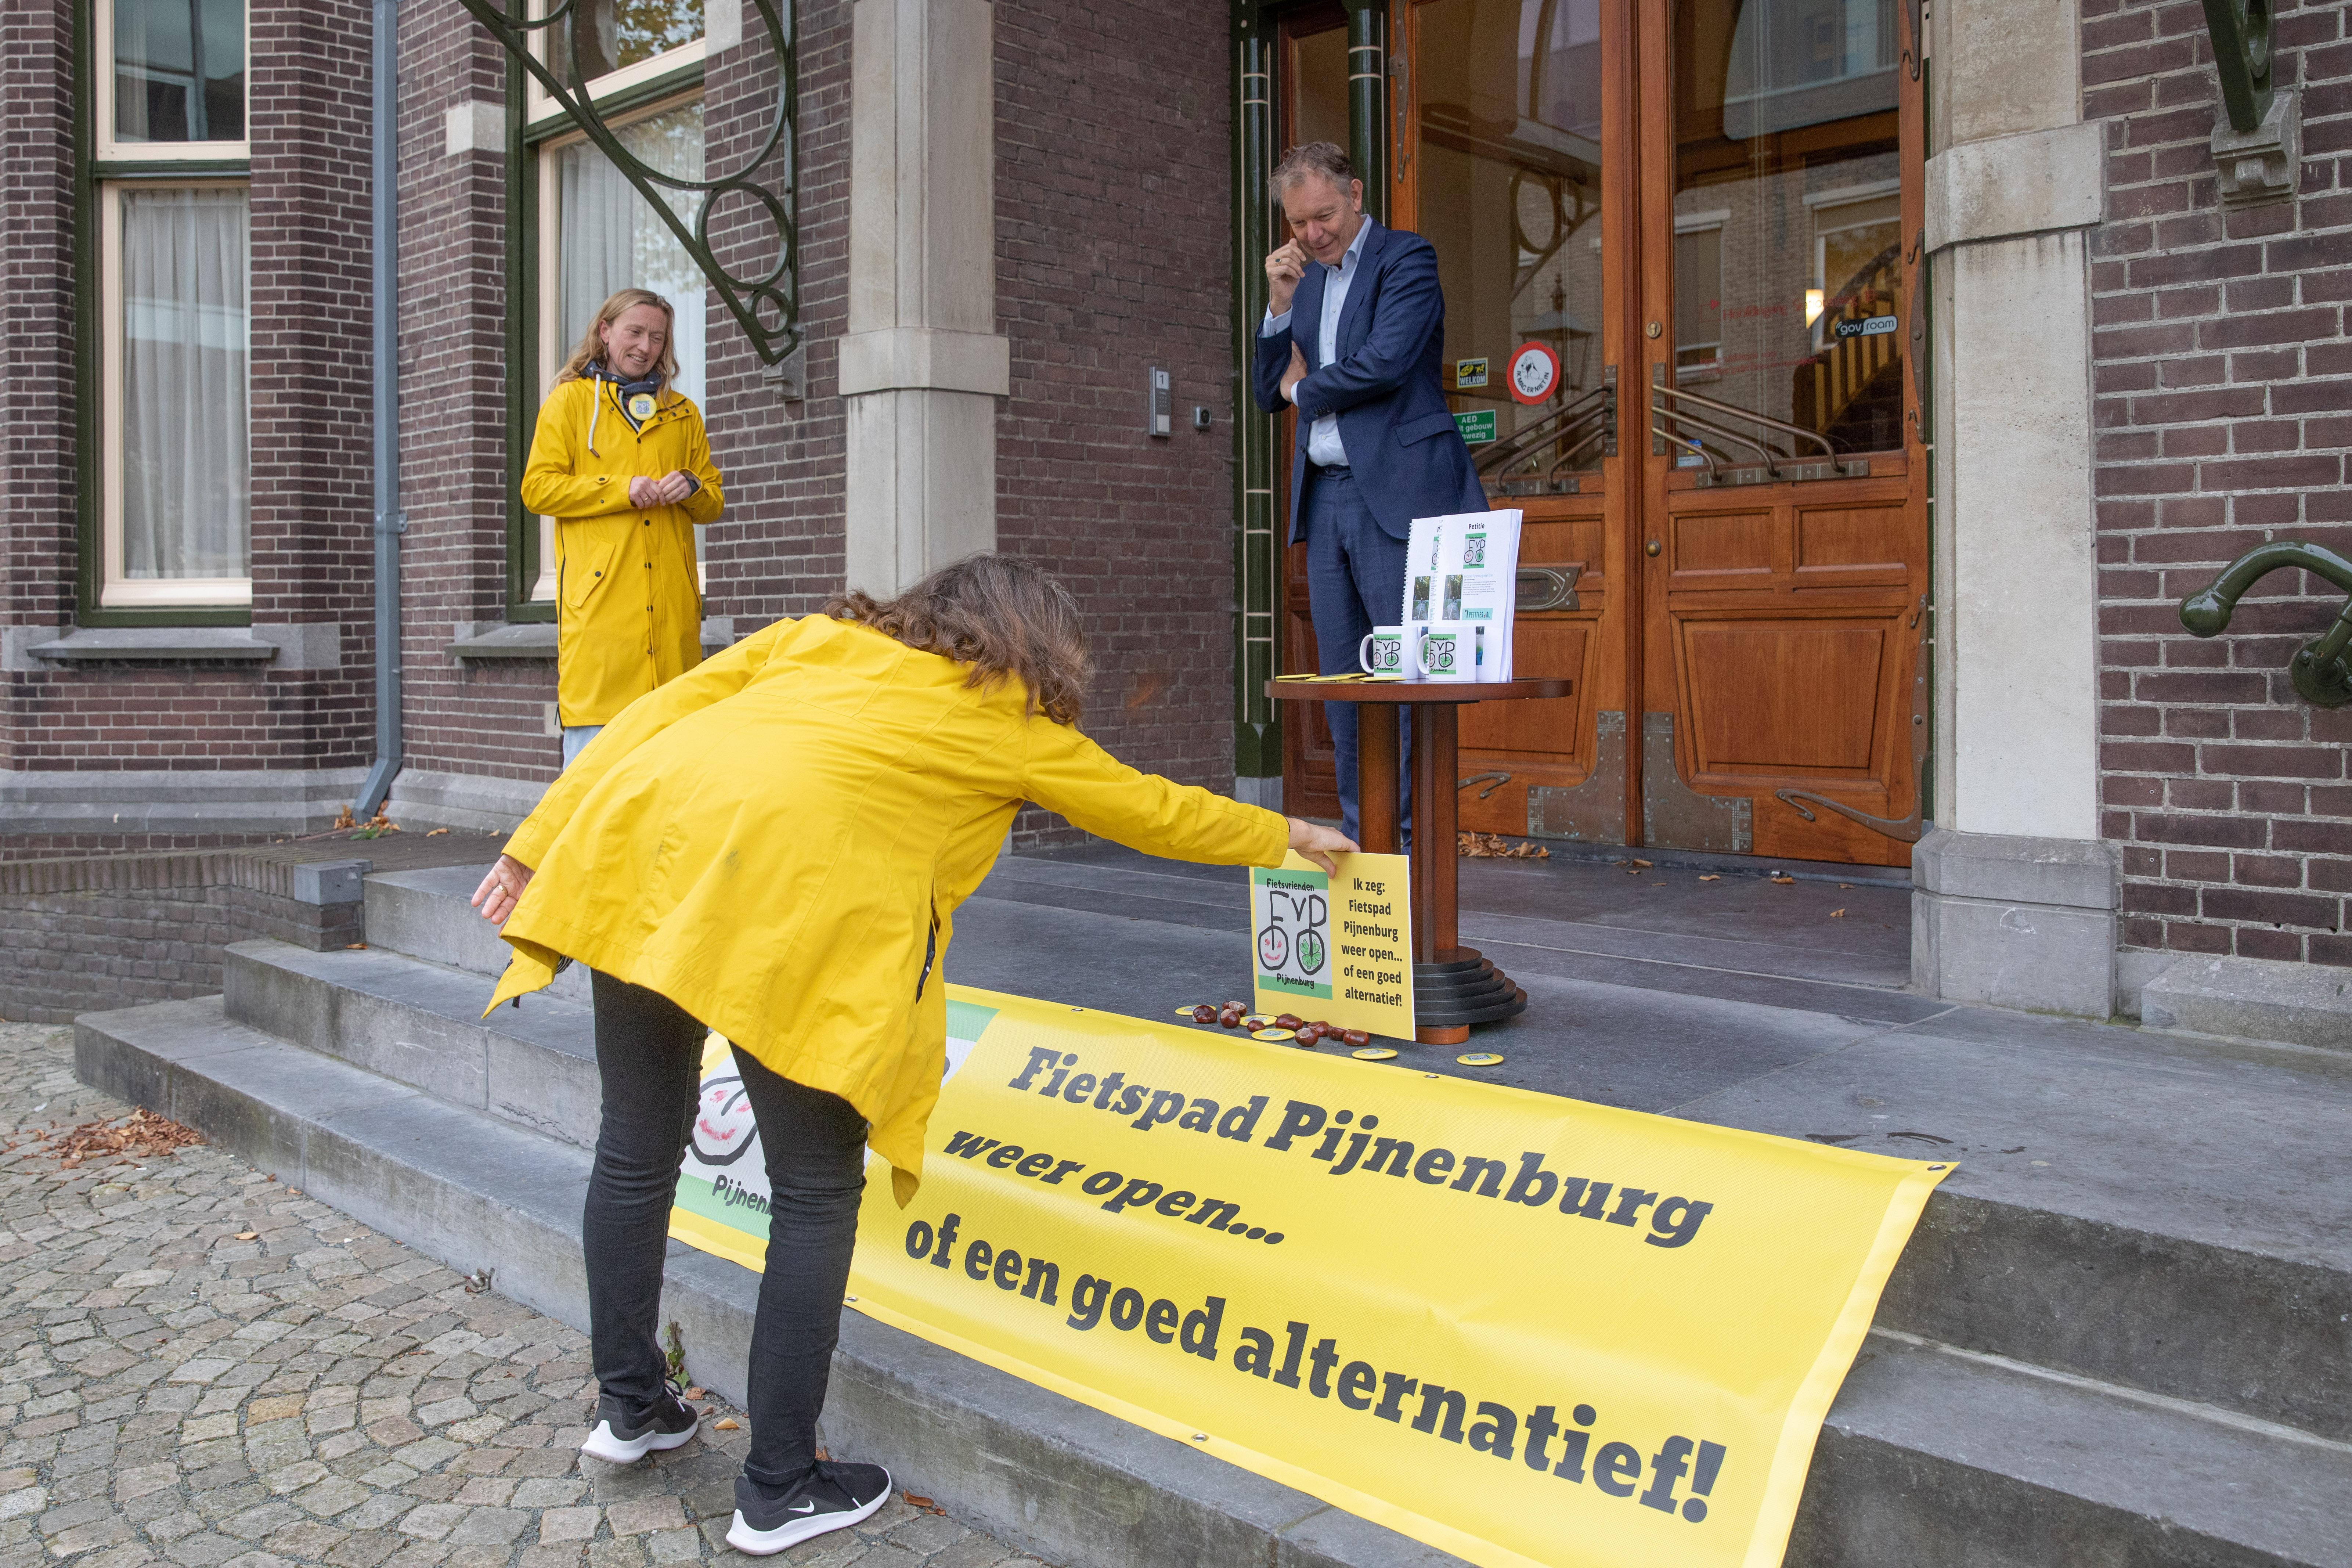 Fietsvrienden halen 2150 handtekeningen op in strijd om fietsroute over landgoed Pijnenburg bij Lage Vuursche; 'Fietspad open óf een alternatief. Wij geven niet op!'